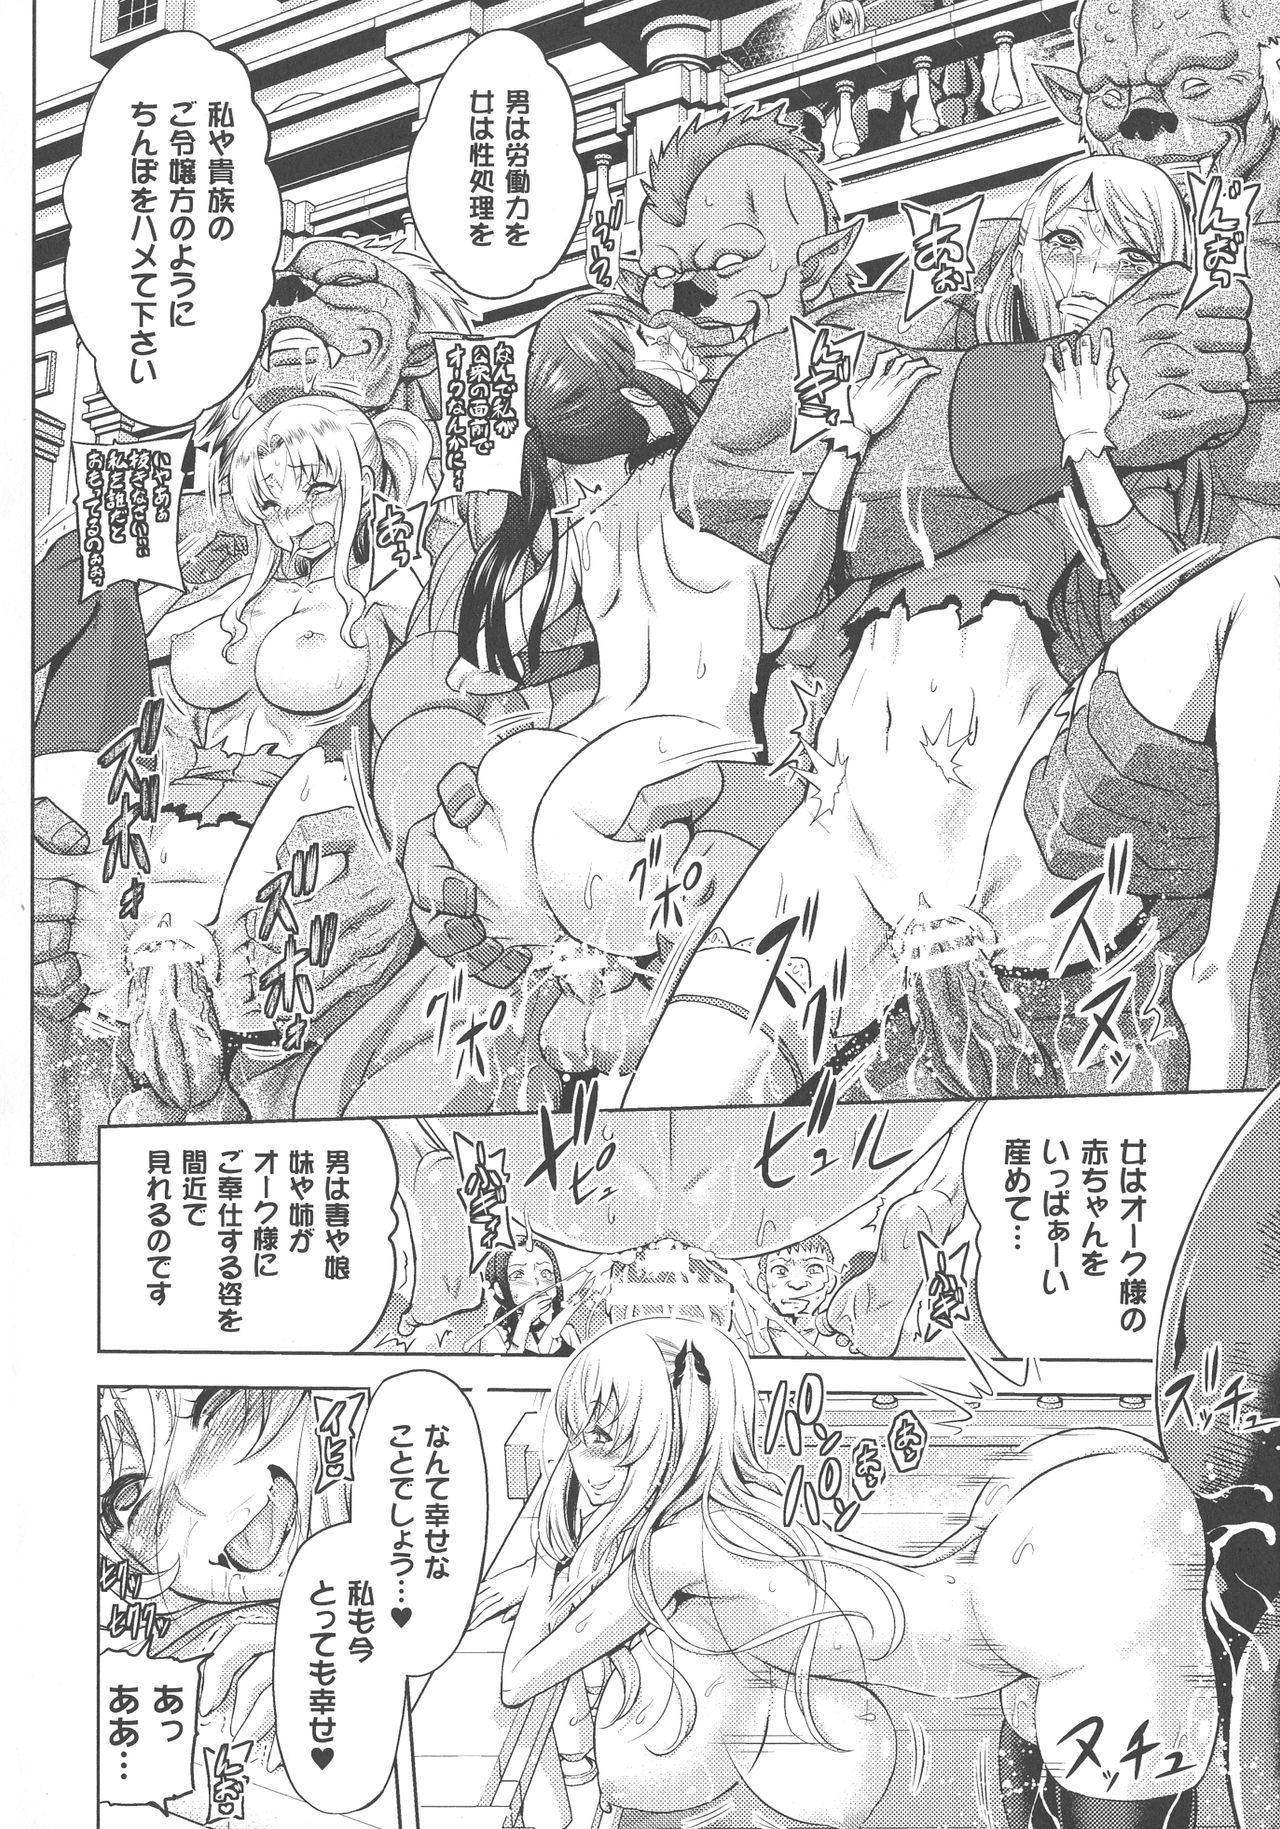 ERONA Orc no Inmon ni Okasareta Onna Kishi no Matsuro 101